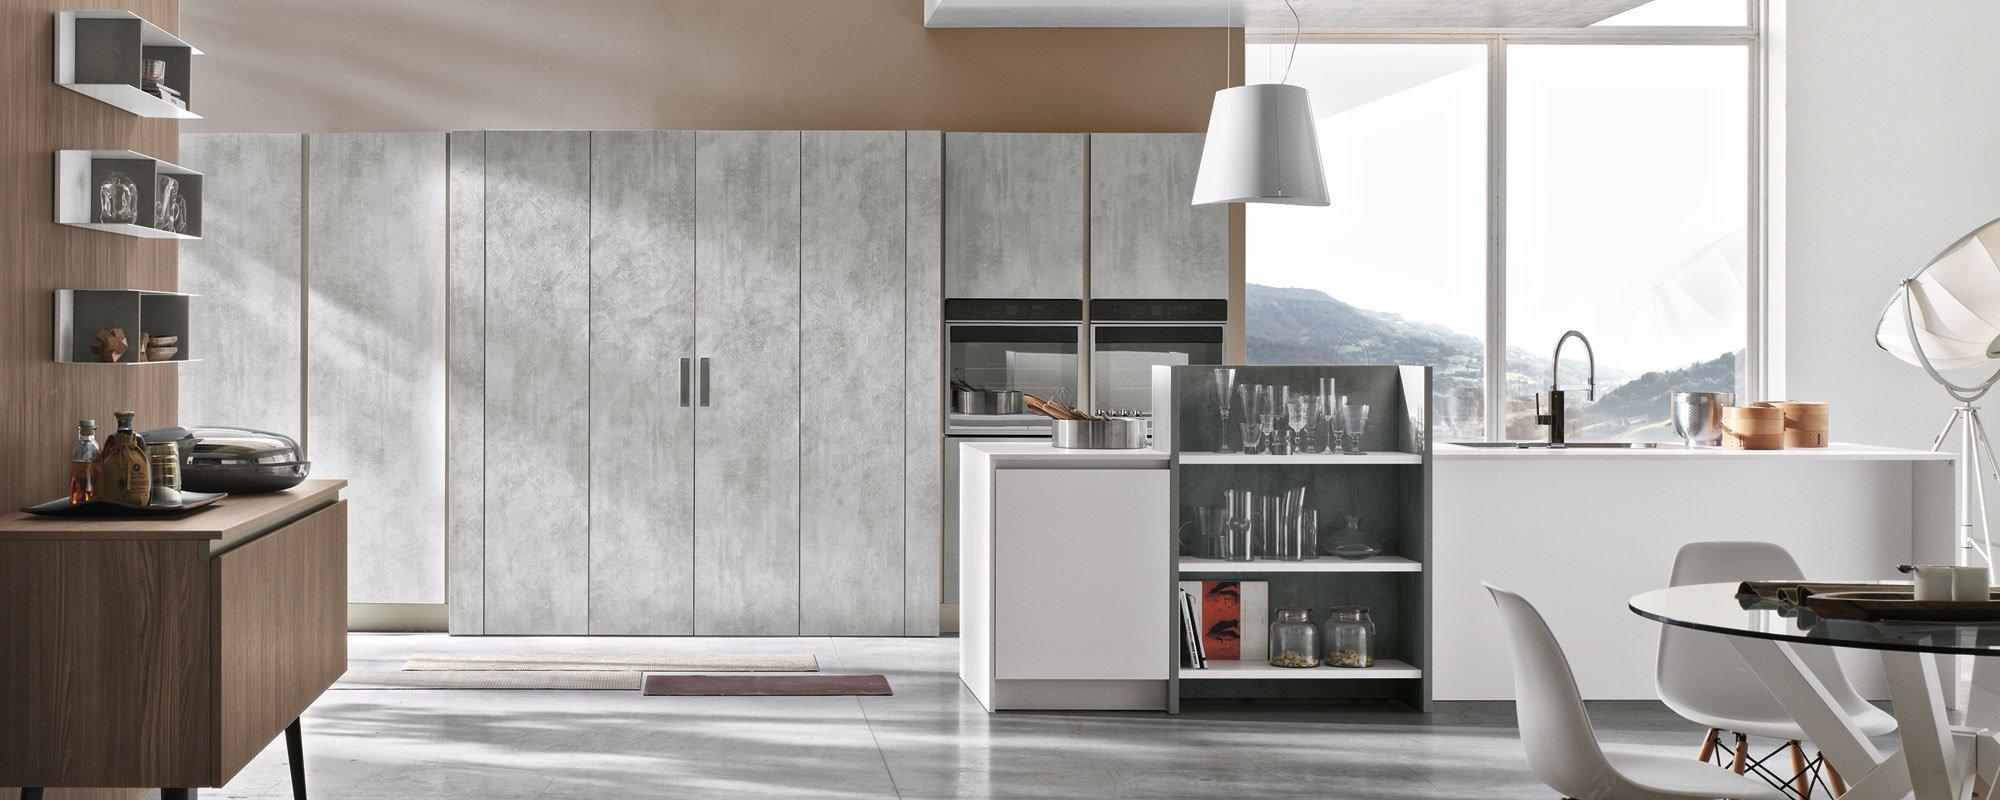 Mobili Rustici Per Cucina. Fabulous Come Arredare La Casa In Stile ...